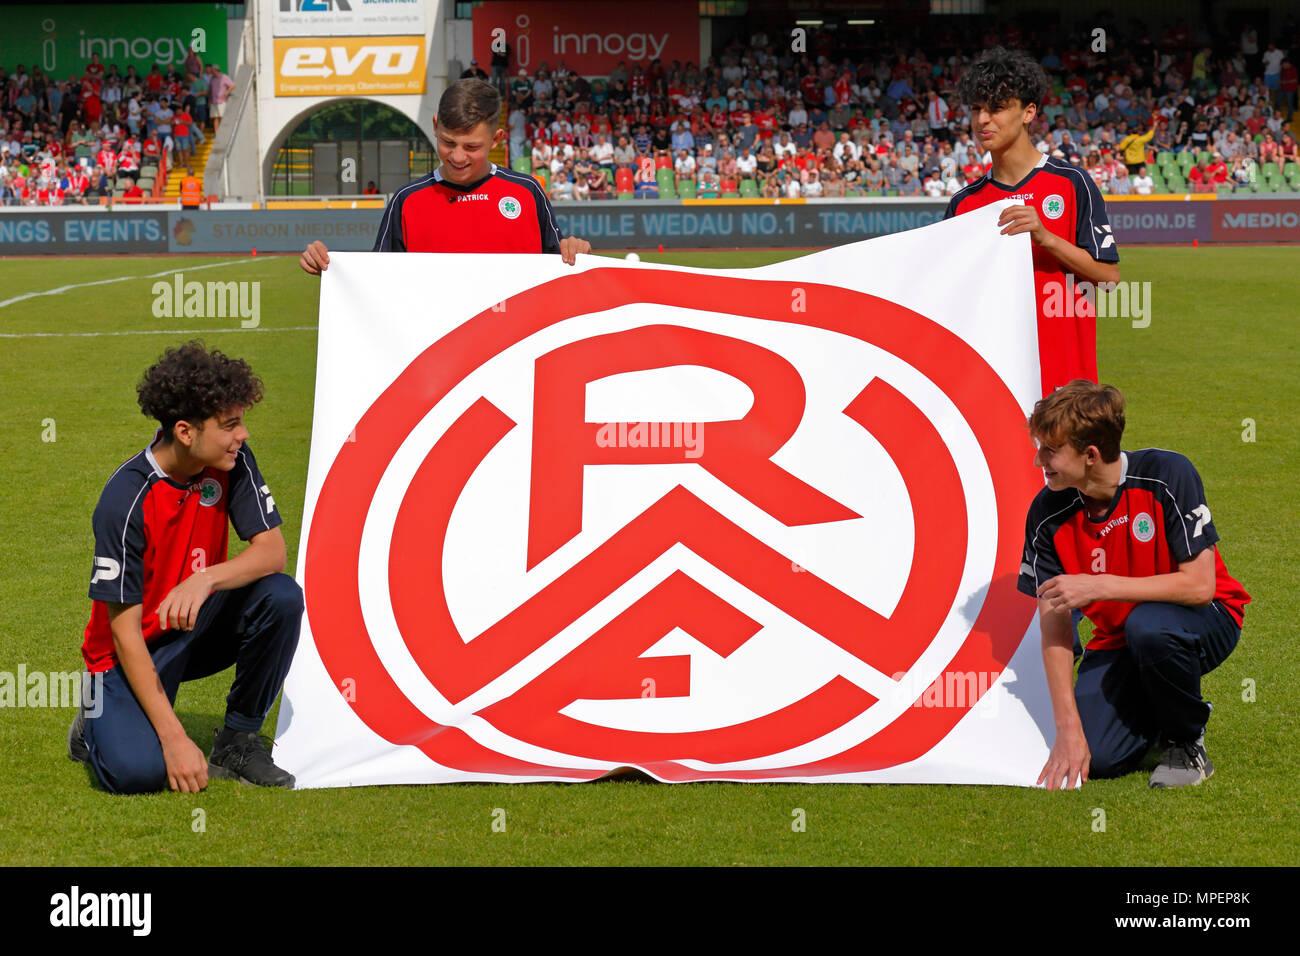 sports, football, Lower Rhine Cup, 2017/2018, final, Rot-Weiss Oberhausen vs Rot Weiss Essen 2:1, Stadium Niederrhein Oberhausen, four boys present a banner showing the club logo of Rot-Weiss Essen - Stock Image